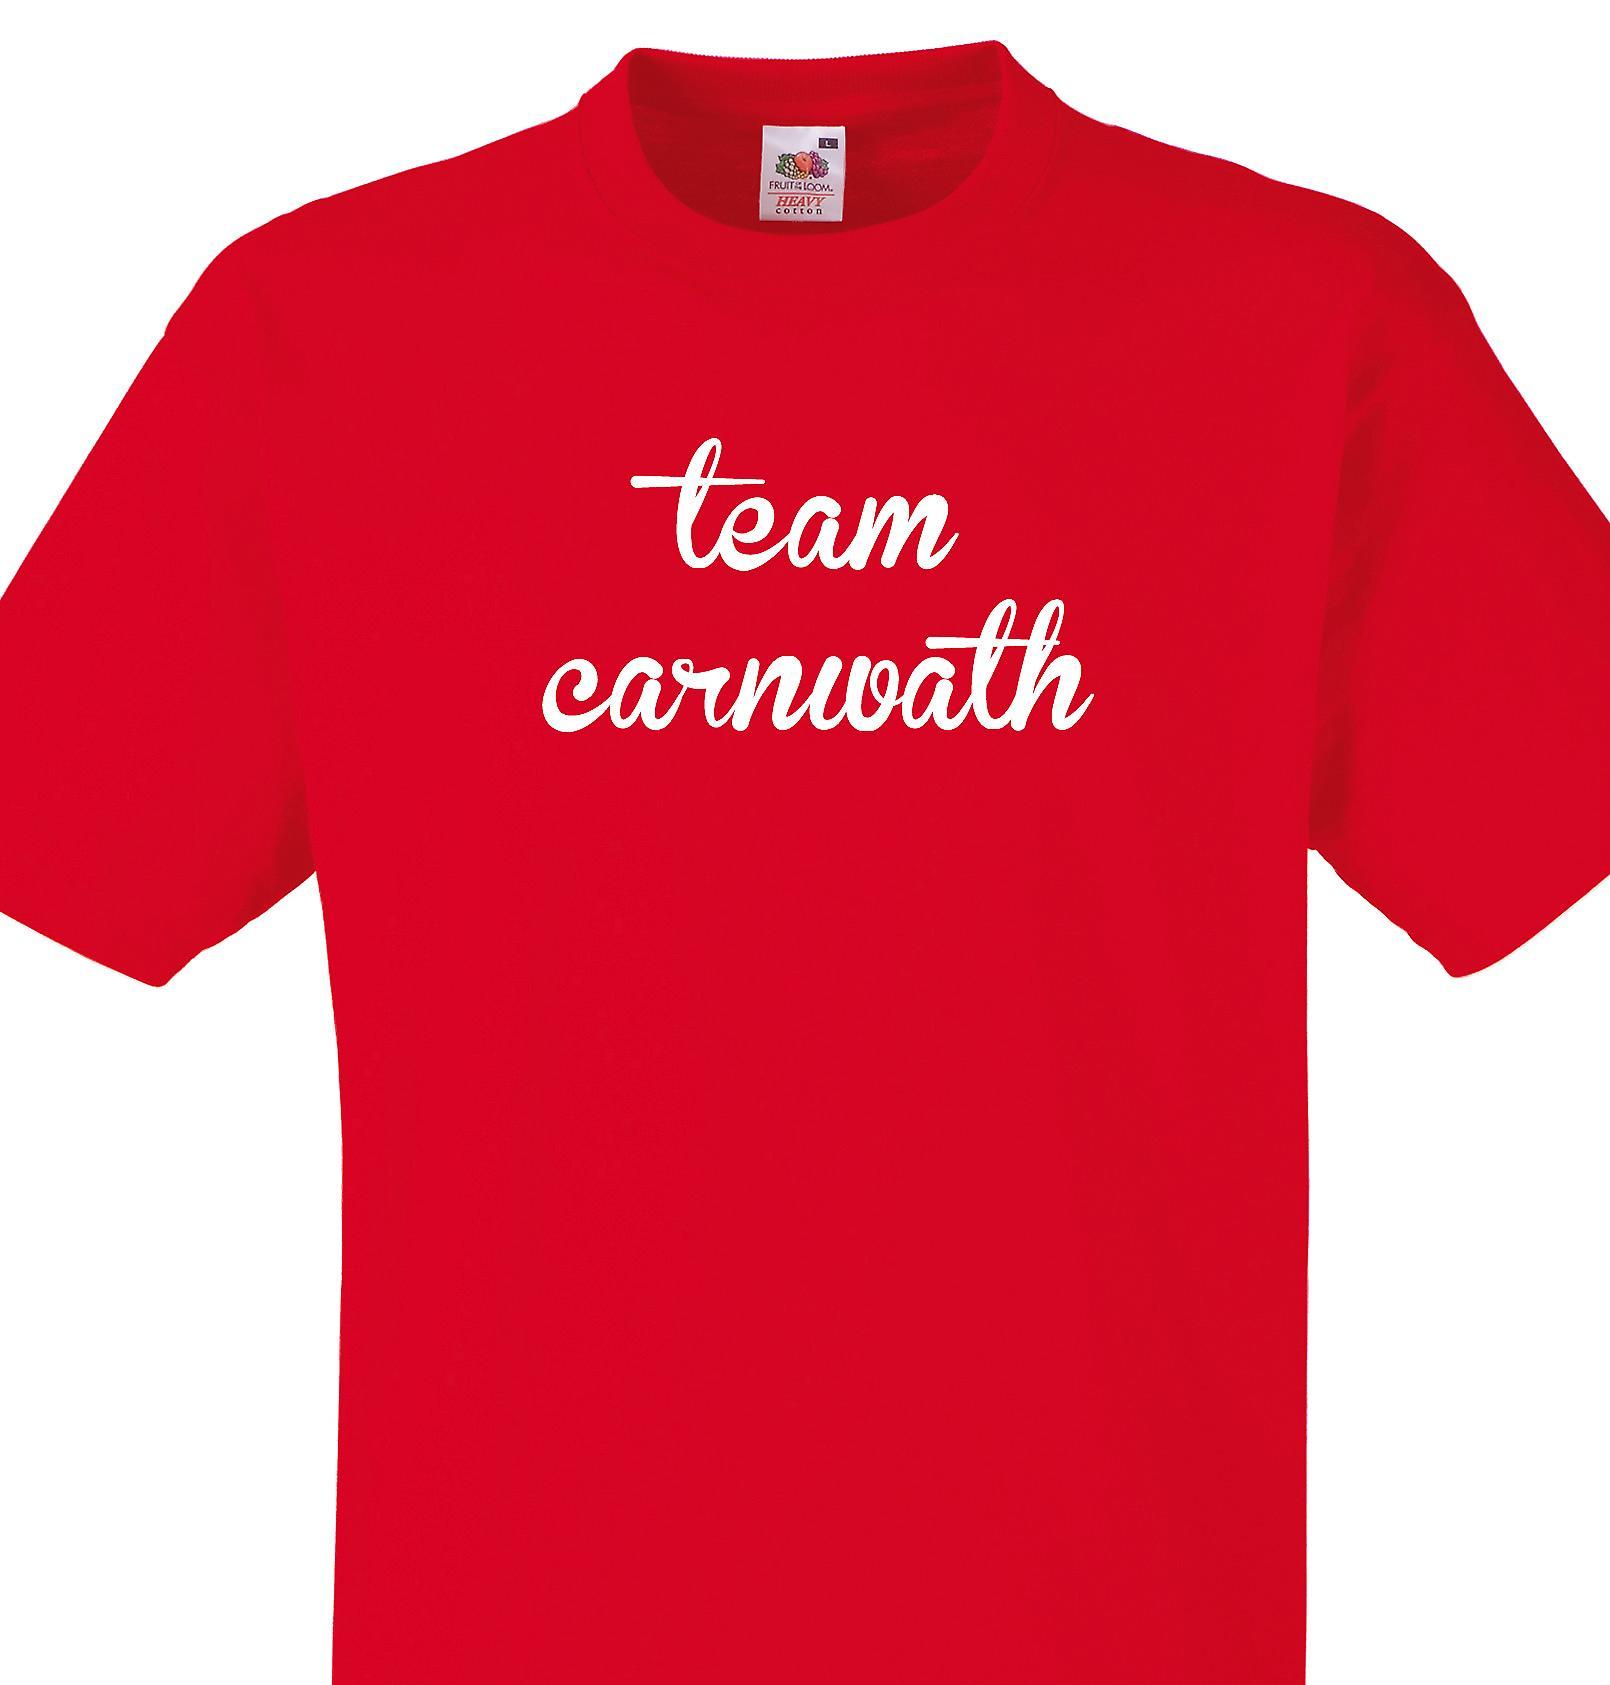 Team Carnwath Red T shirt